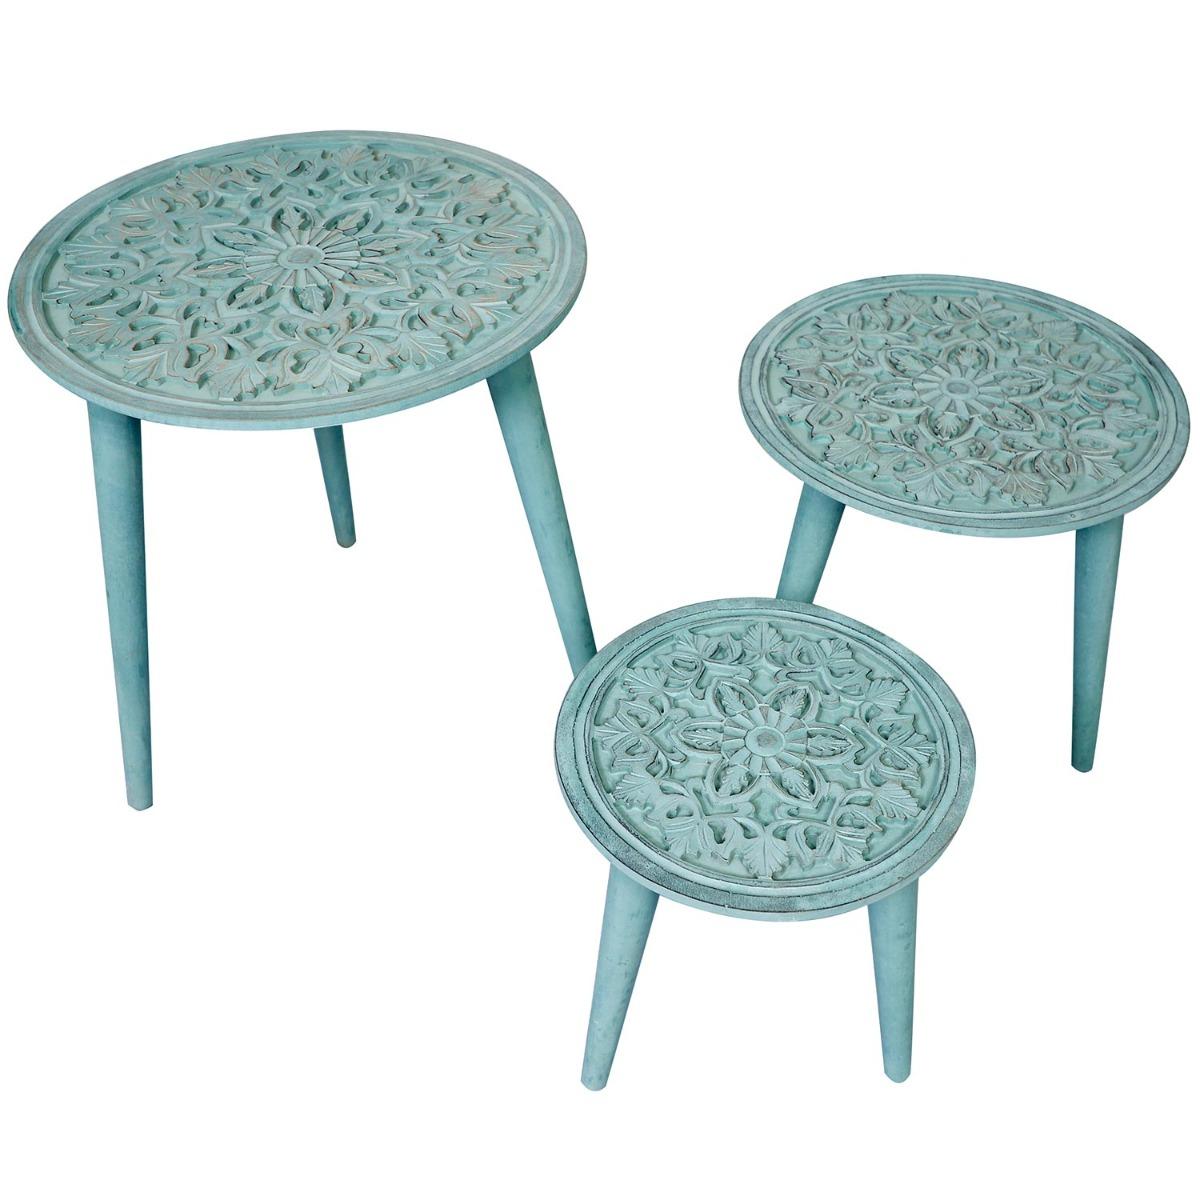 Ensemble de 3 tables gigogne Kairouan Bleu-Vert